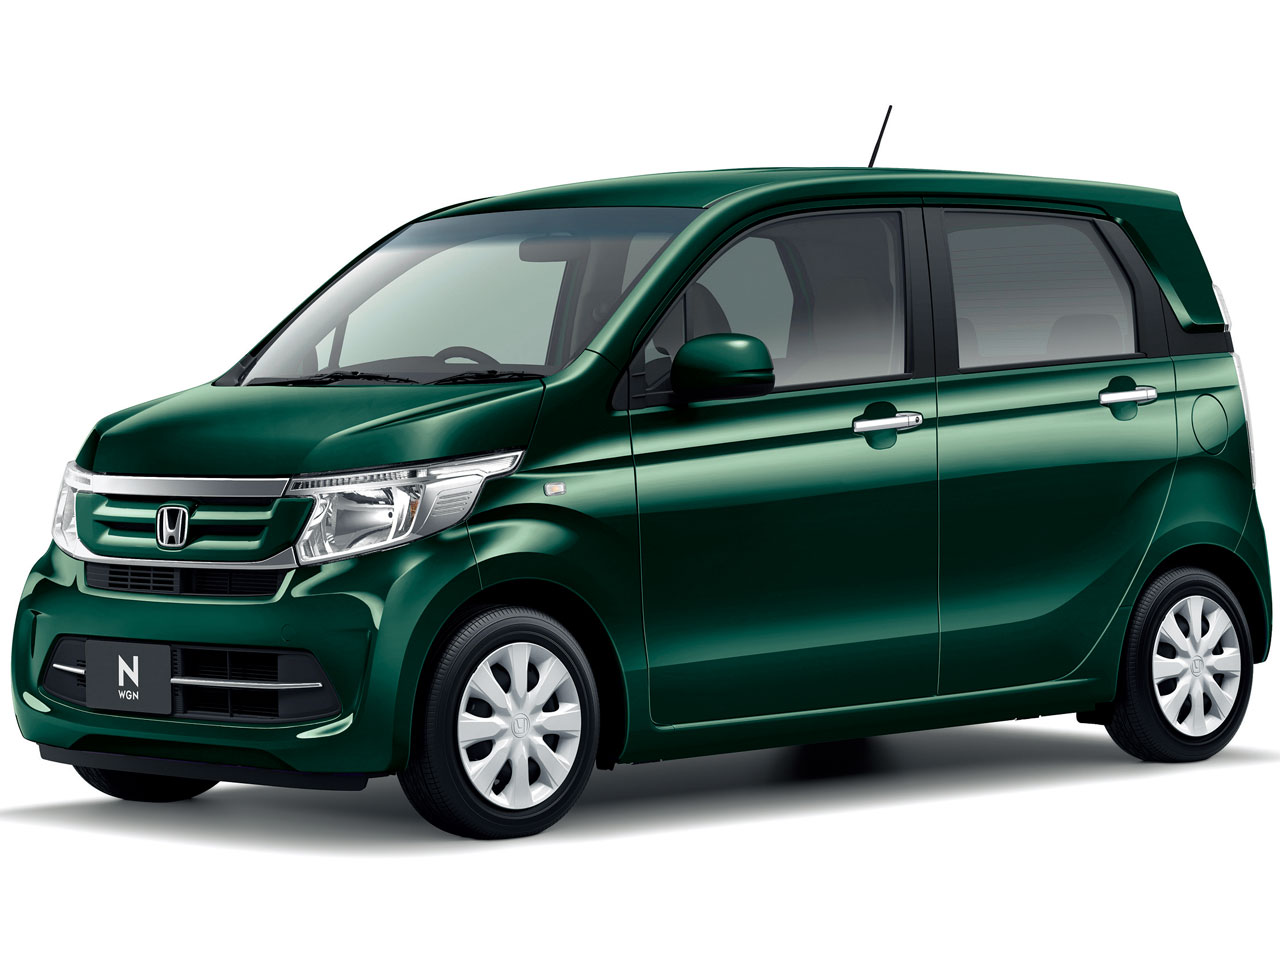 ホンダ N-WGN 2013年モデル 新車画像